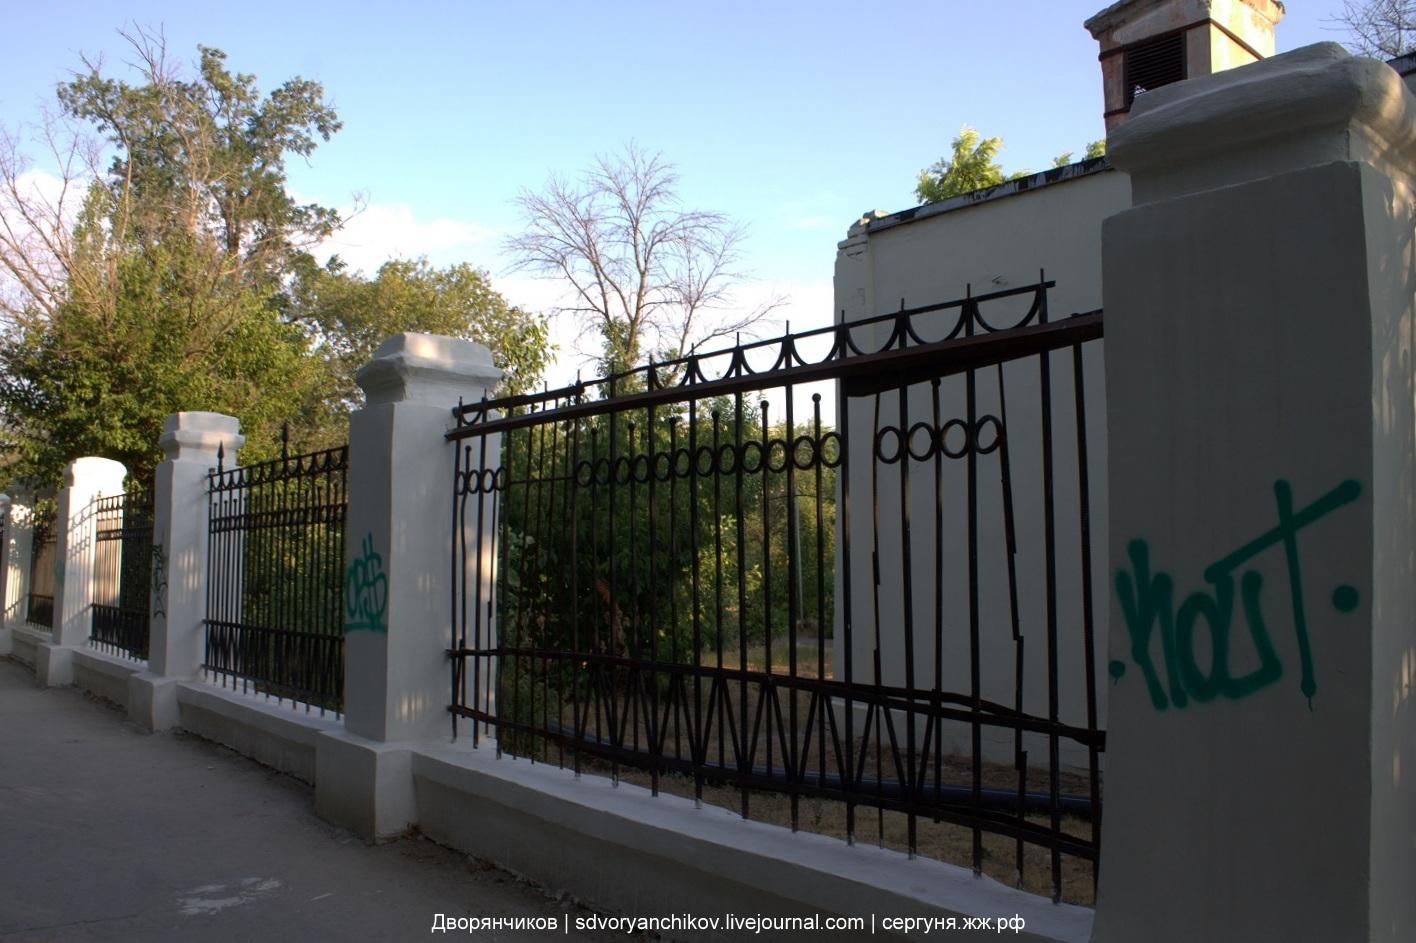 Парк ВГС - вандализм с чистого листа